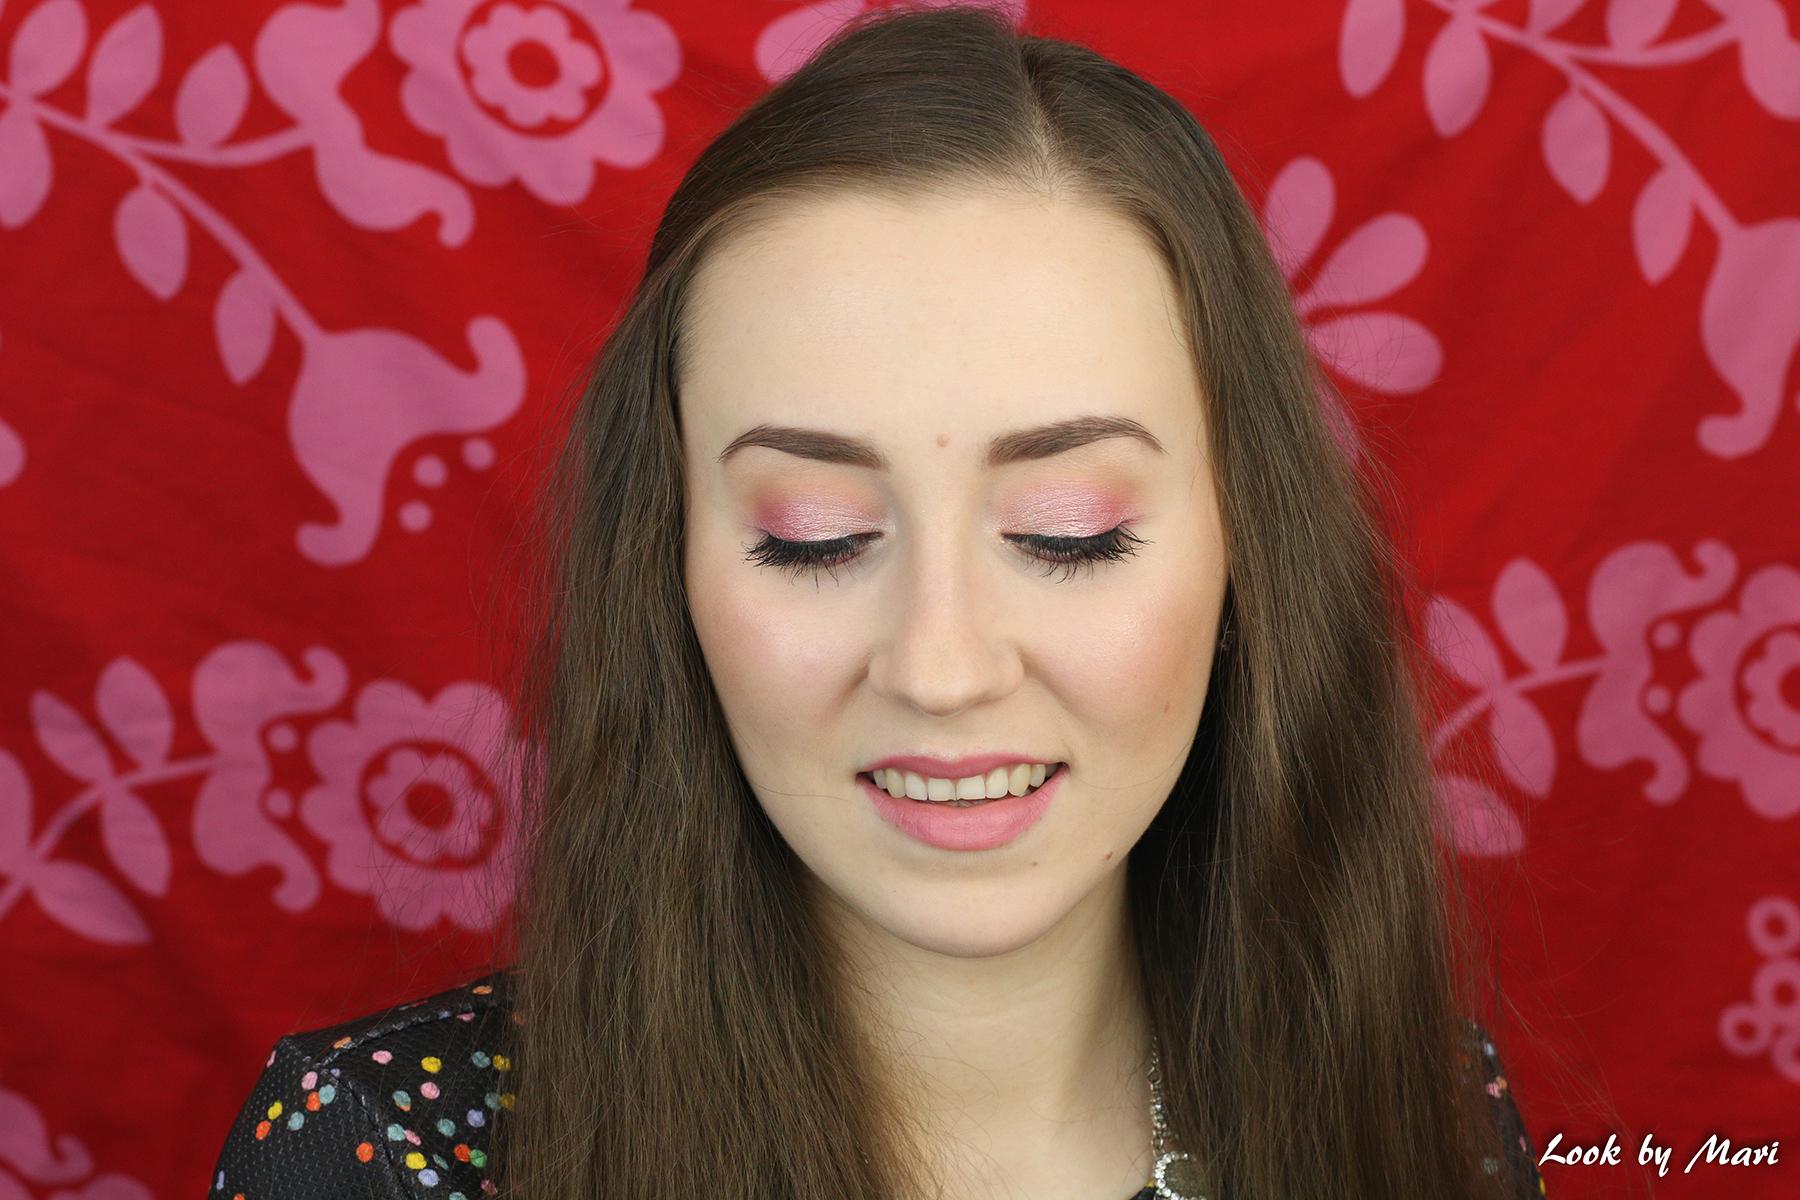 5 ystävänpäivä meikki ideat tutoriaali treffi meikki kevyt